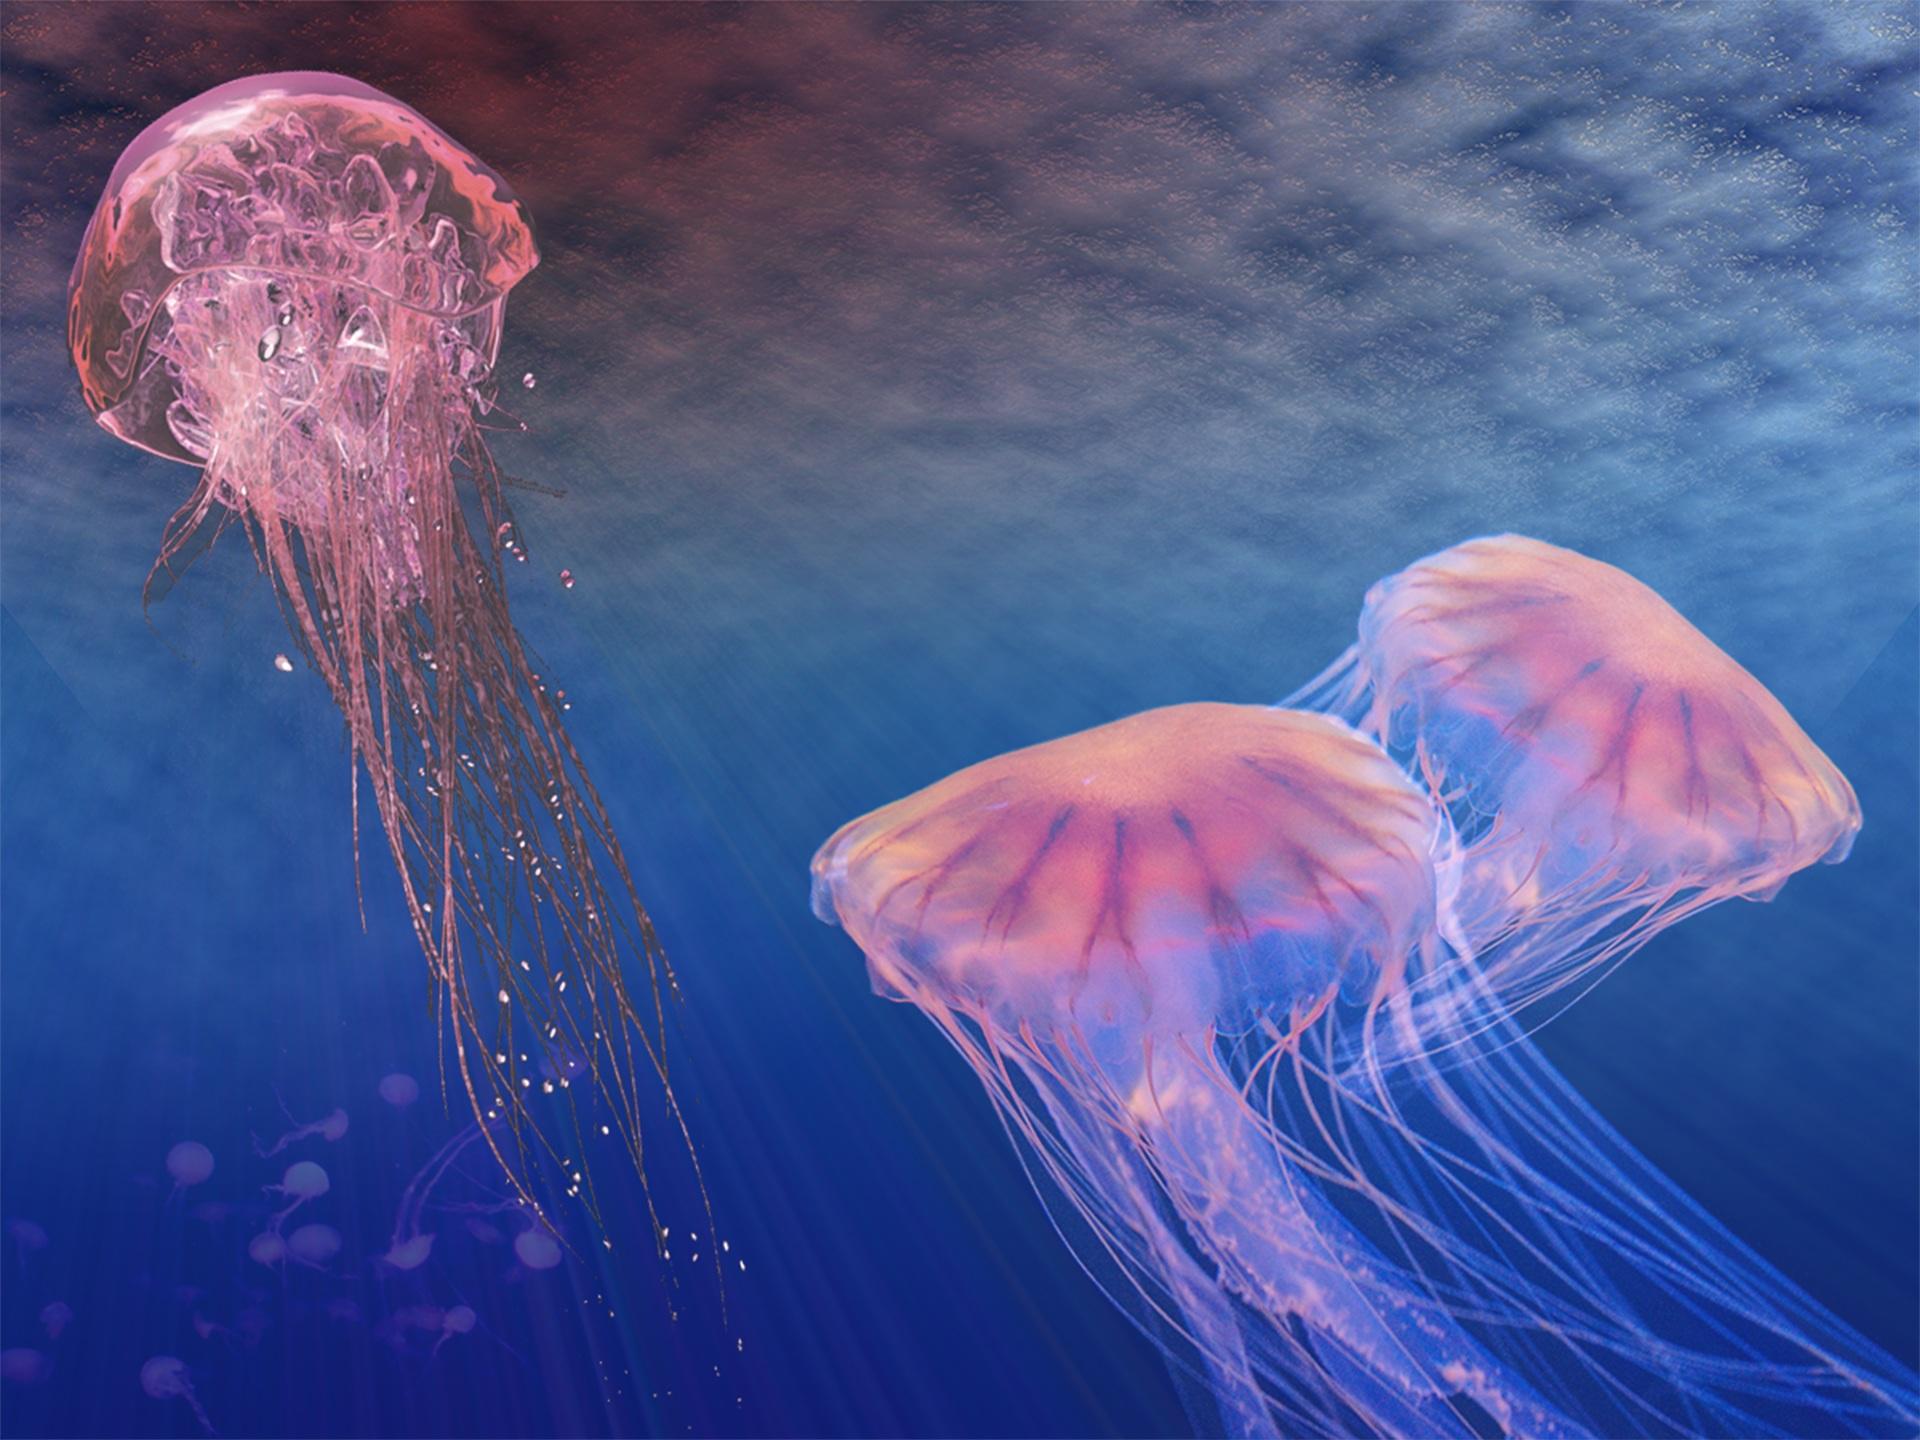 जेलिफ़िश, समुद्री जीवन, सागर, महासागर, गहराई, रोजा - HD वॉलपेपर - प्रोफेसर-falken.com